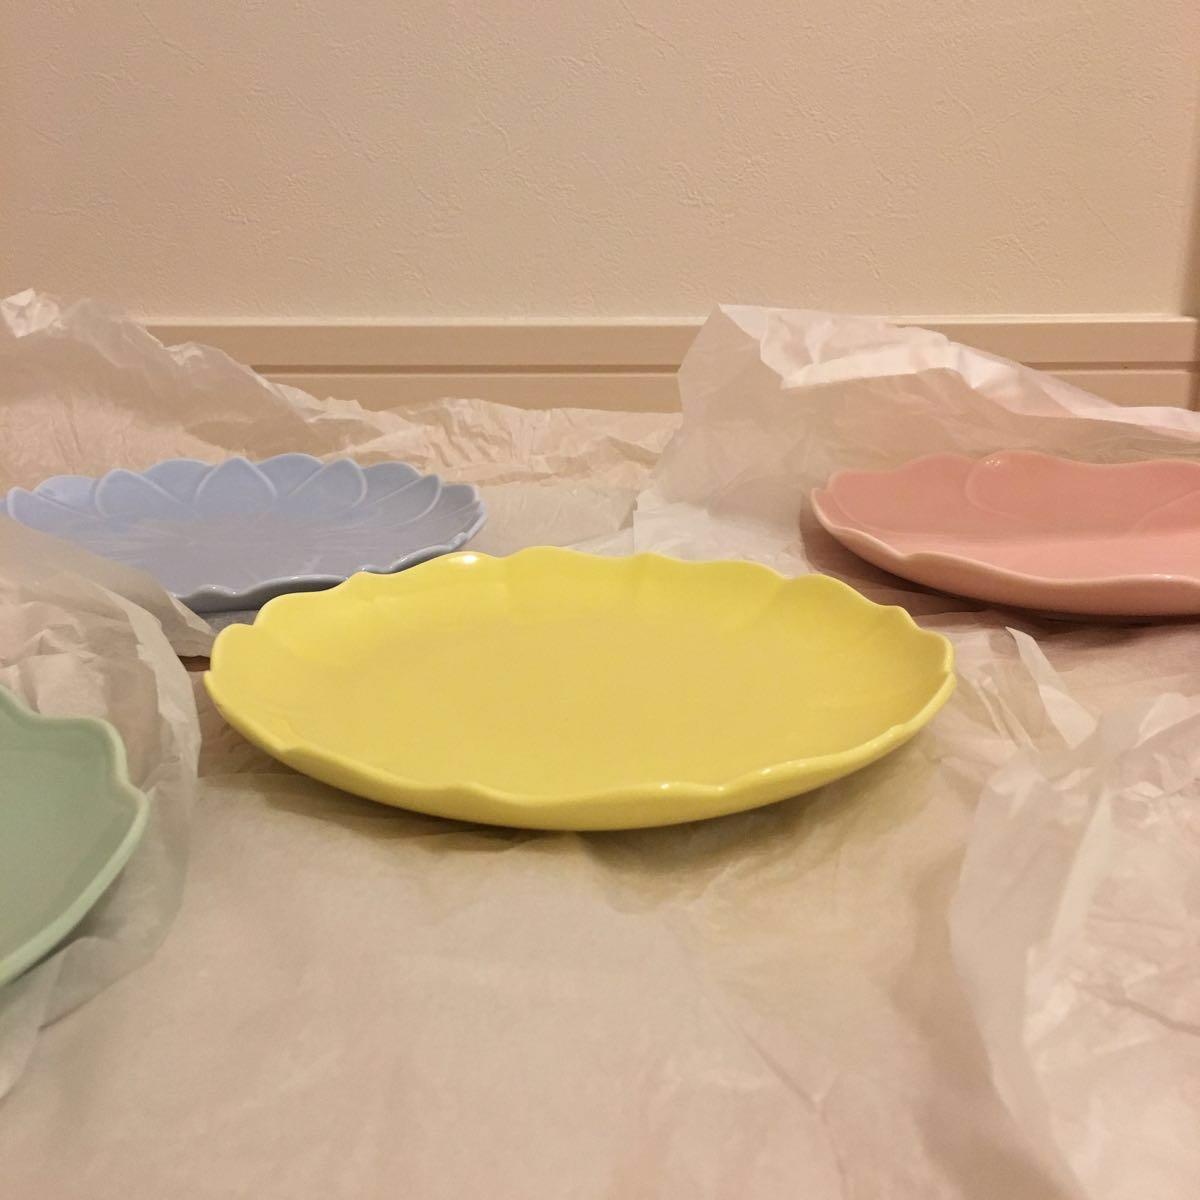 栗原はるみ KURIHARA HARUMI お皿セット 5枚 5色 花柄 花 直径約17cm 新品未使用品_画像8